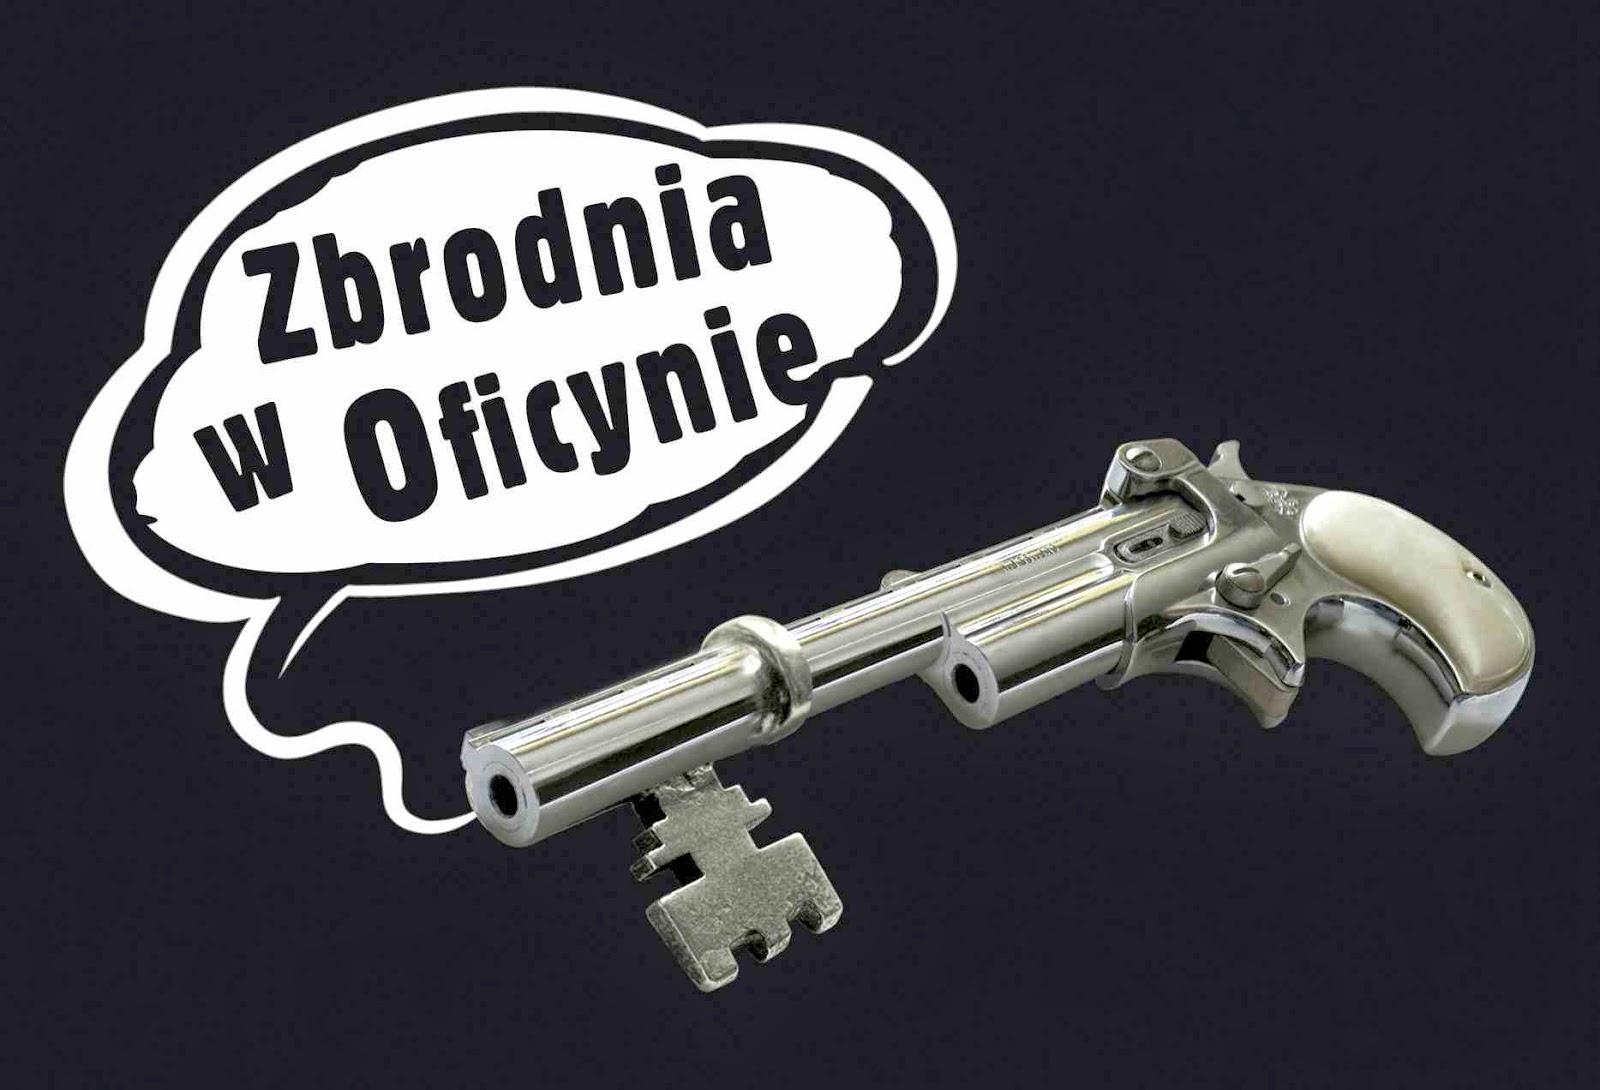 http://www.zbrodniawoficynie.pl/